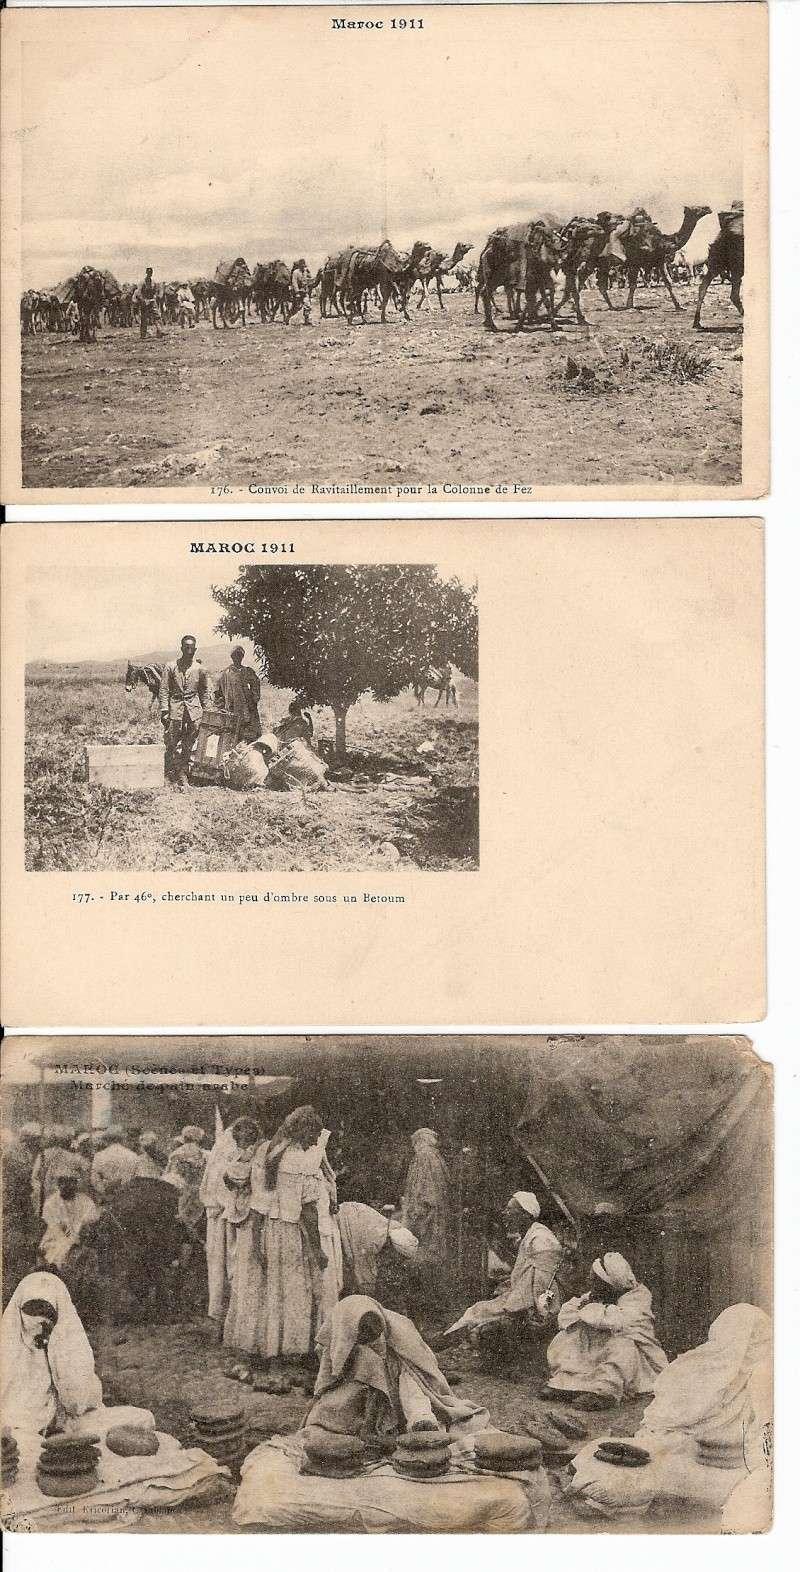 cartes postales d'algerie - Page 6 Scan0014